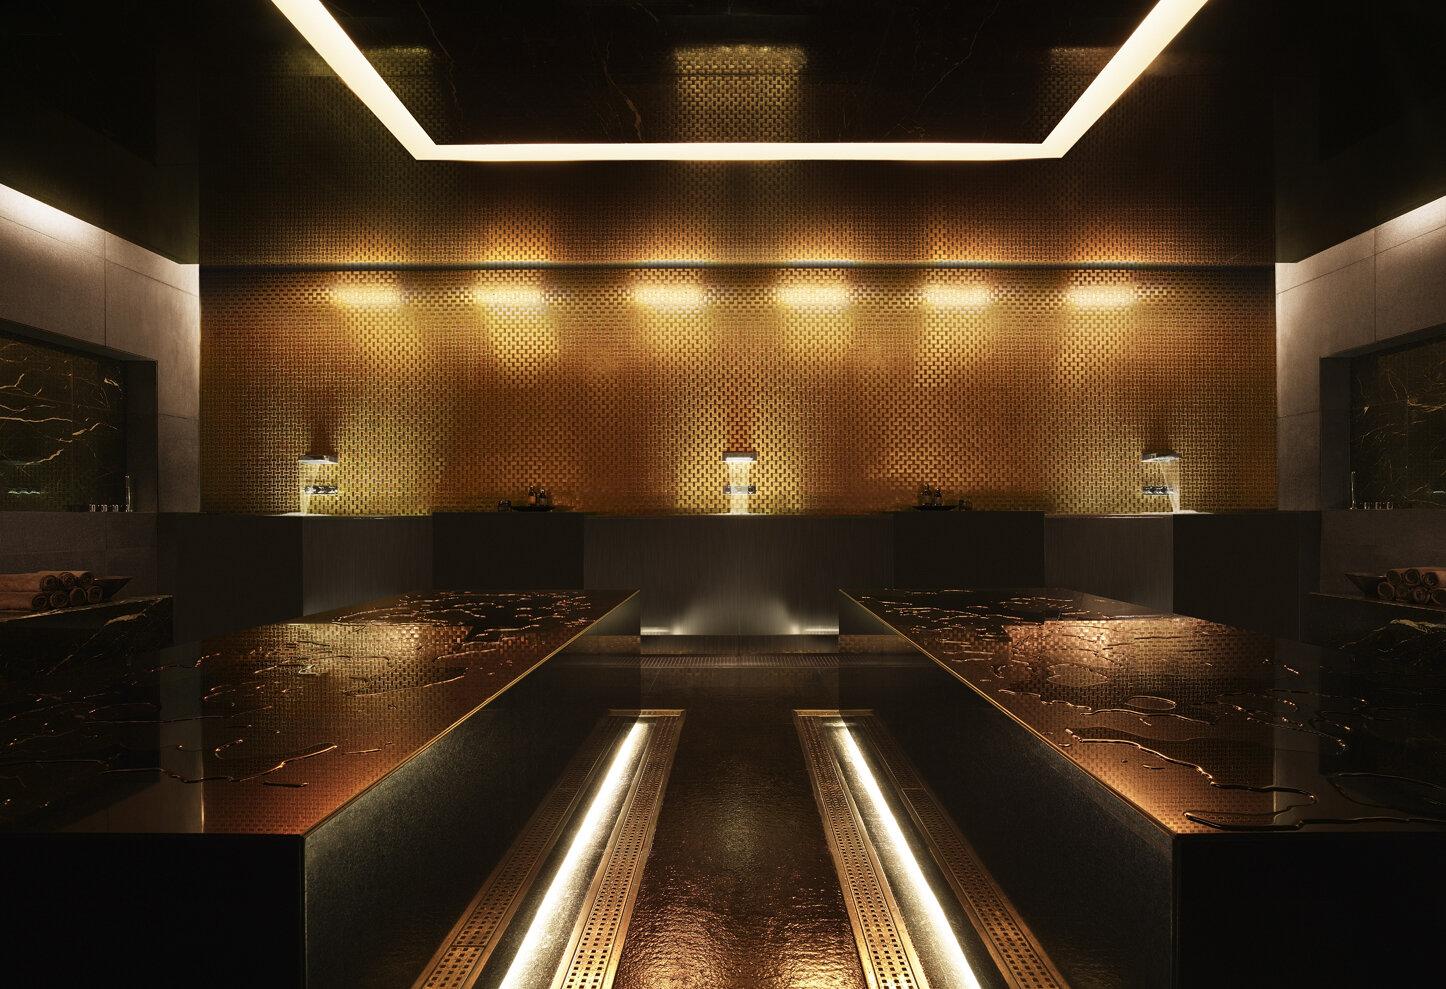 ESPA, THE VICEROY HOTEL, ABU DHABI